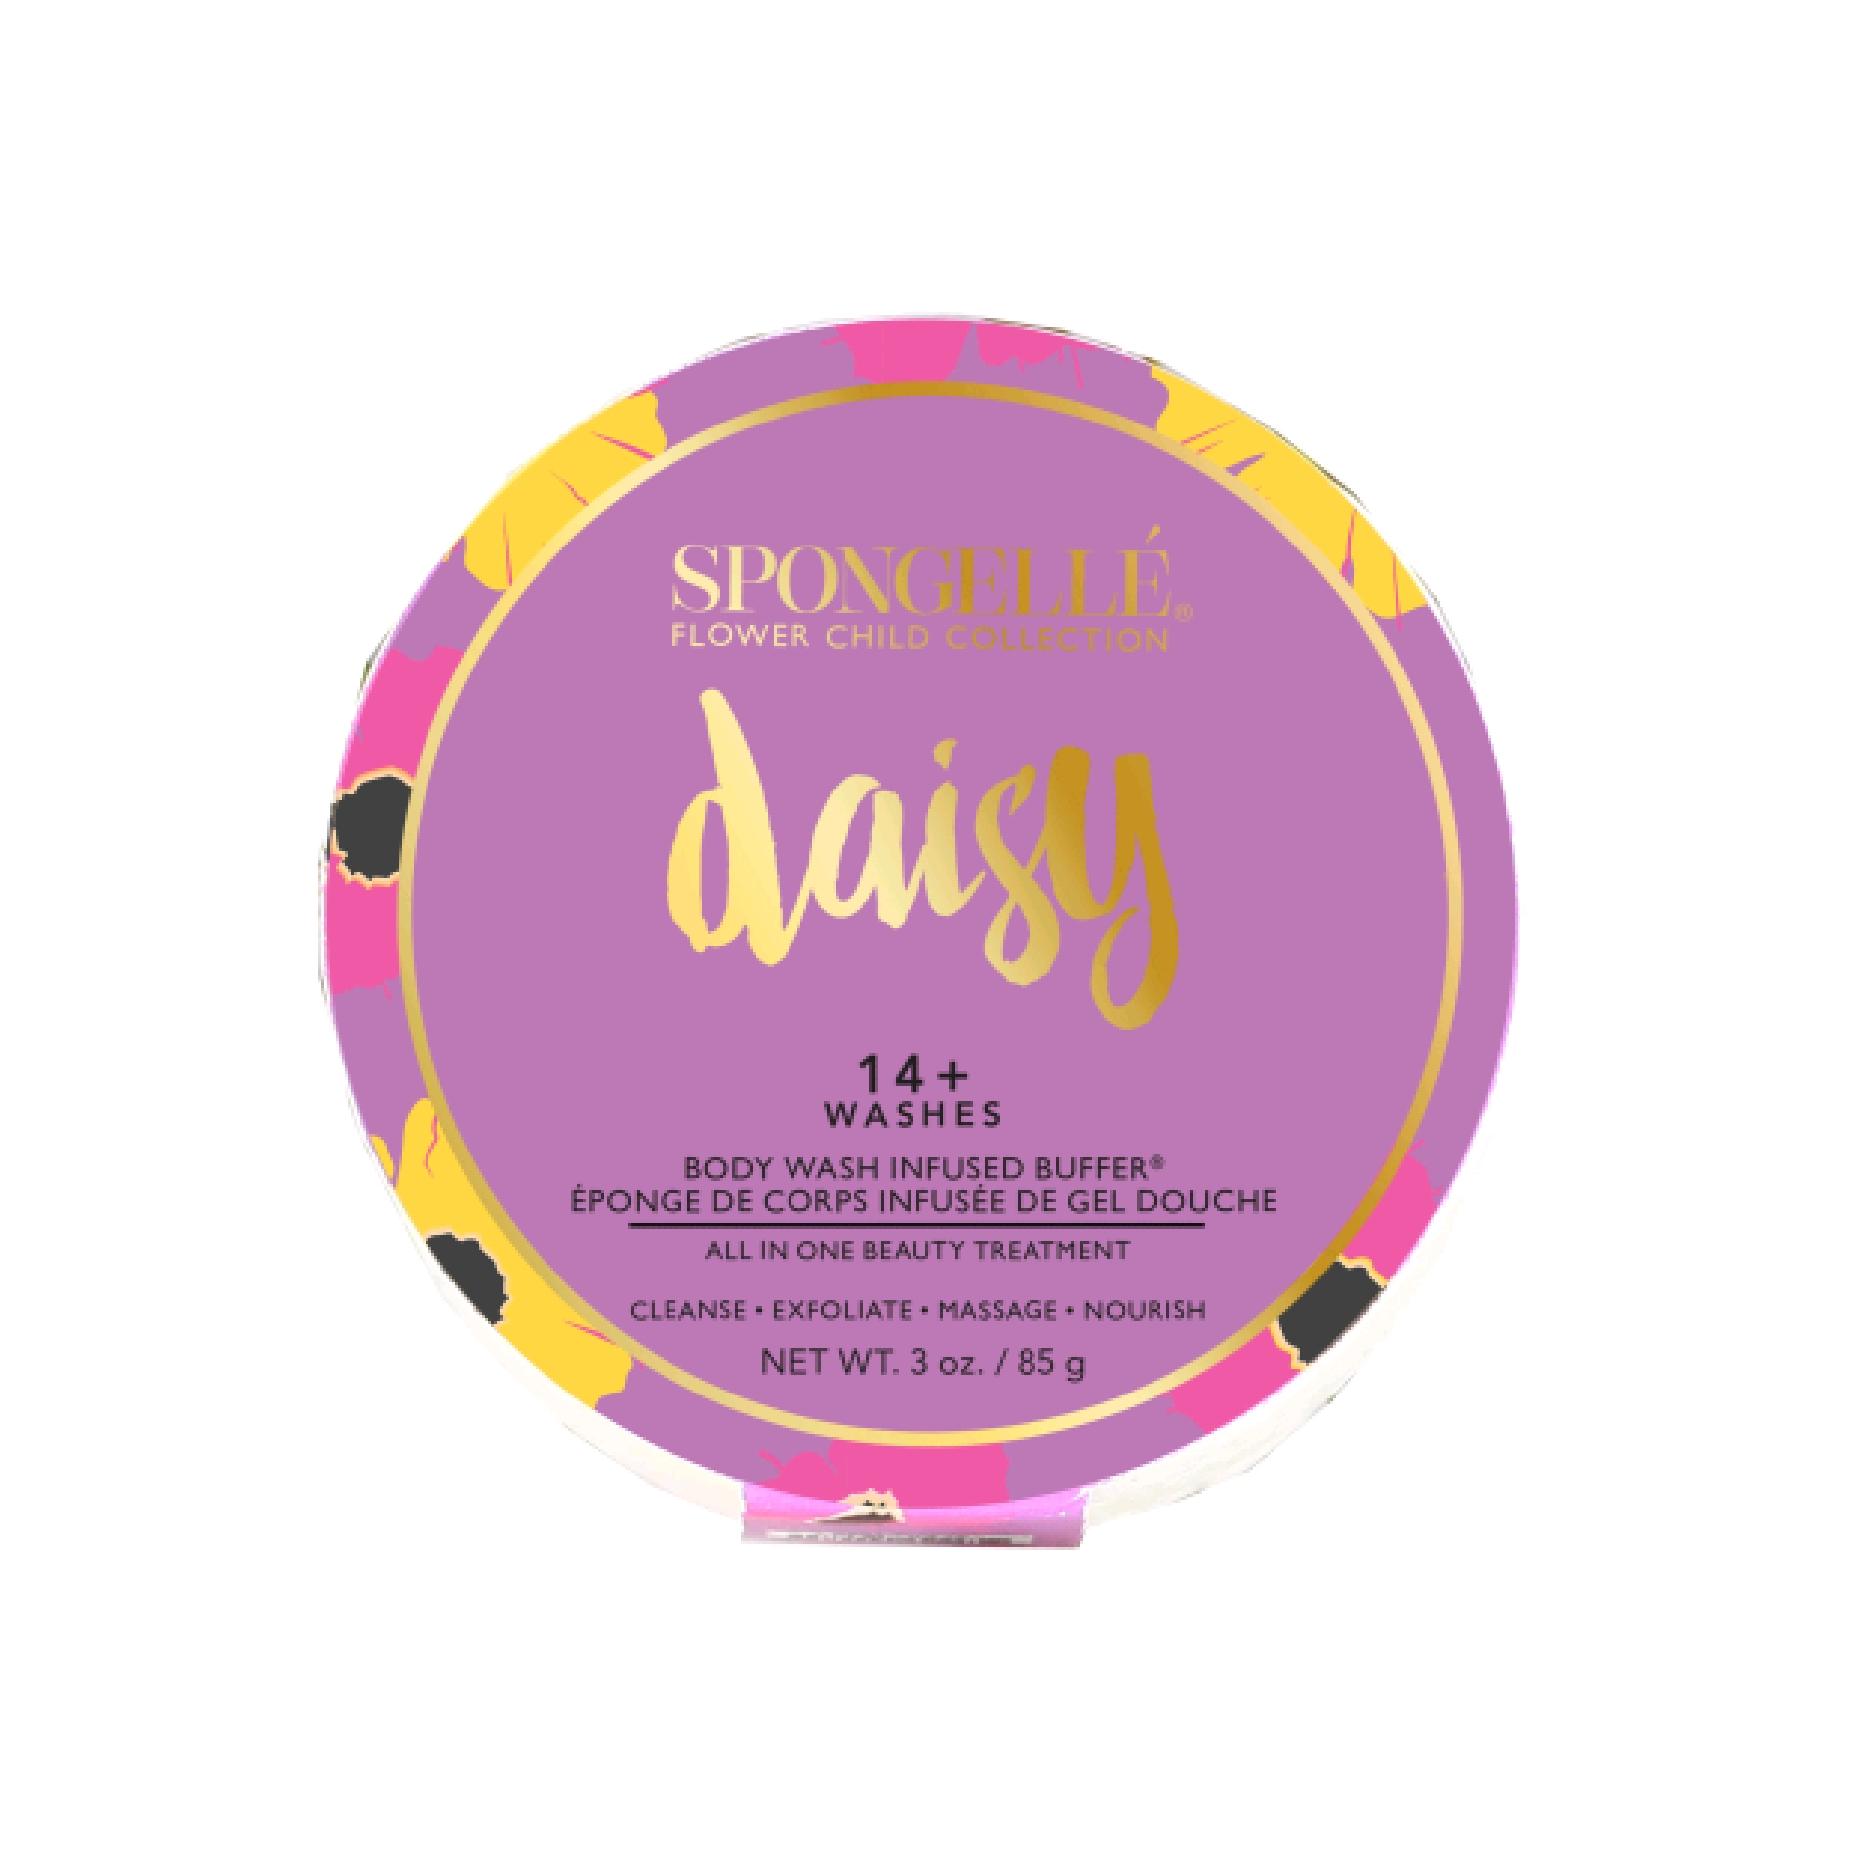 Spongelle Daisy